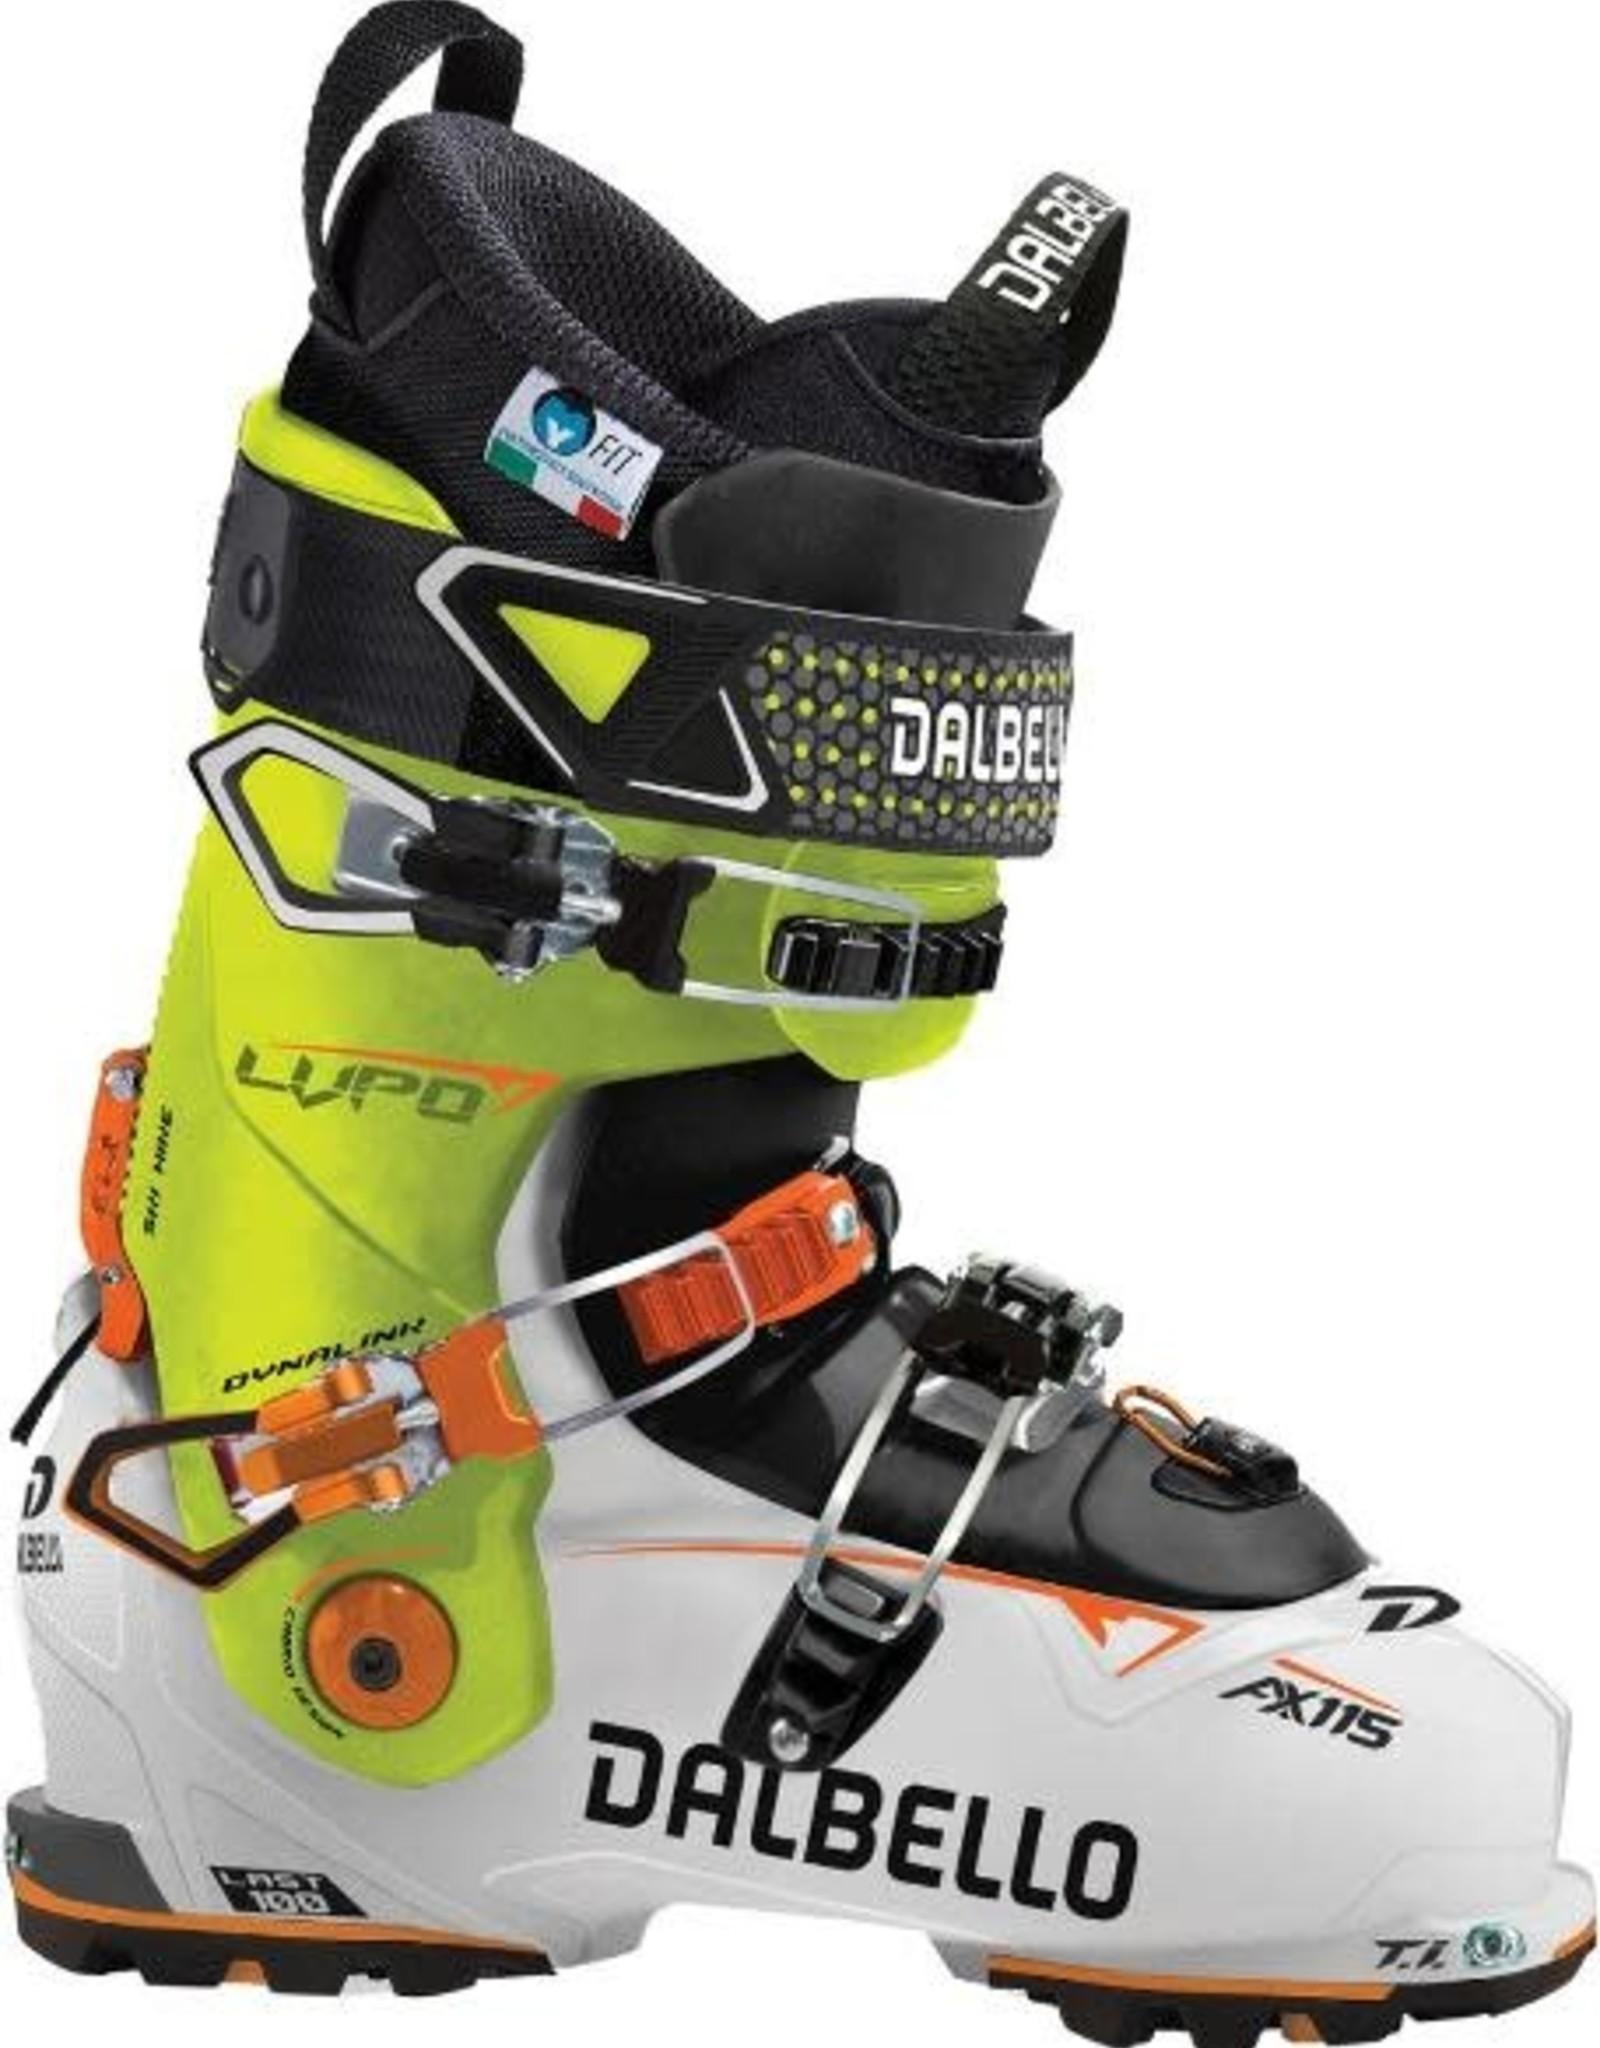 DALBELLO DALBELLO Ski Boots LUPO AX 115 (18/19)